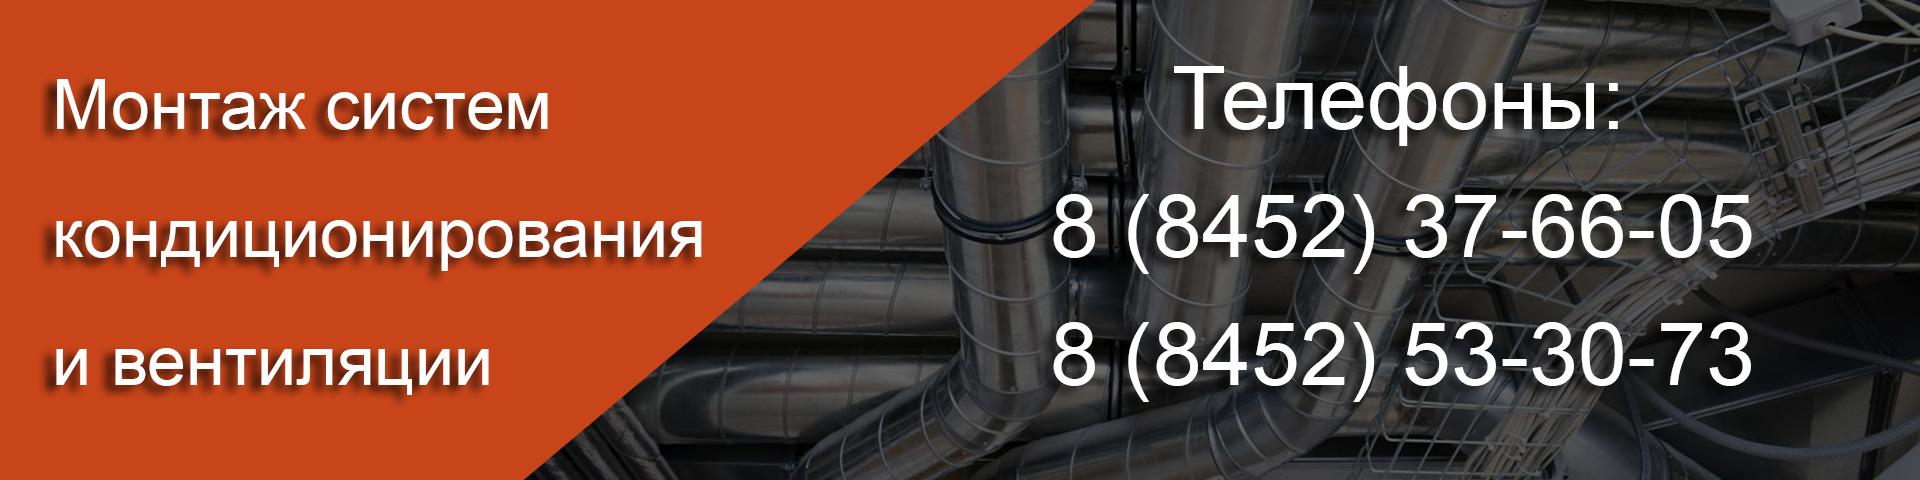 Монтаж систем вентиляции и кондиционирования в Саратове